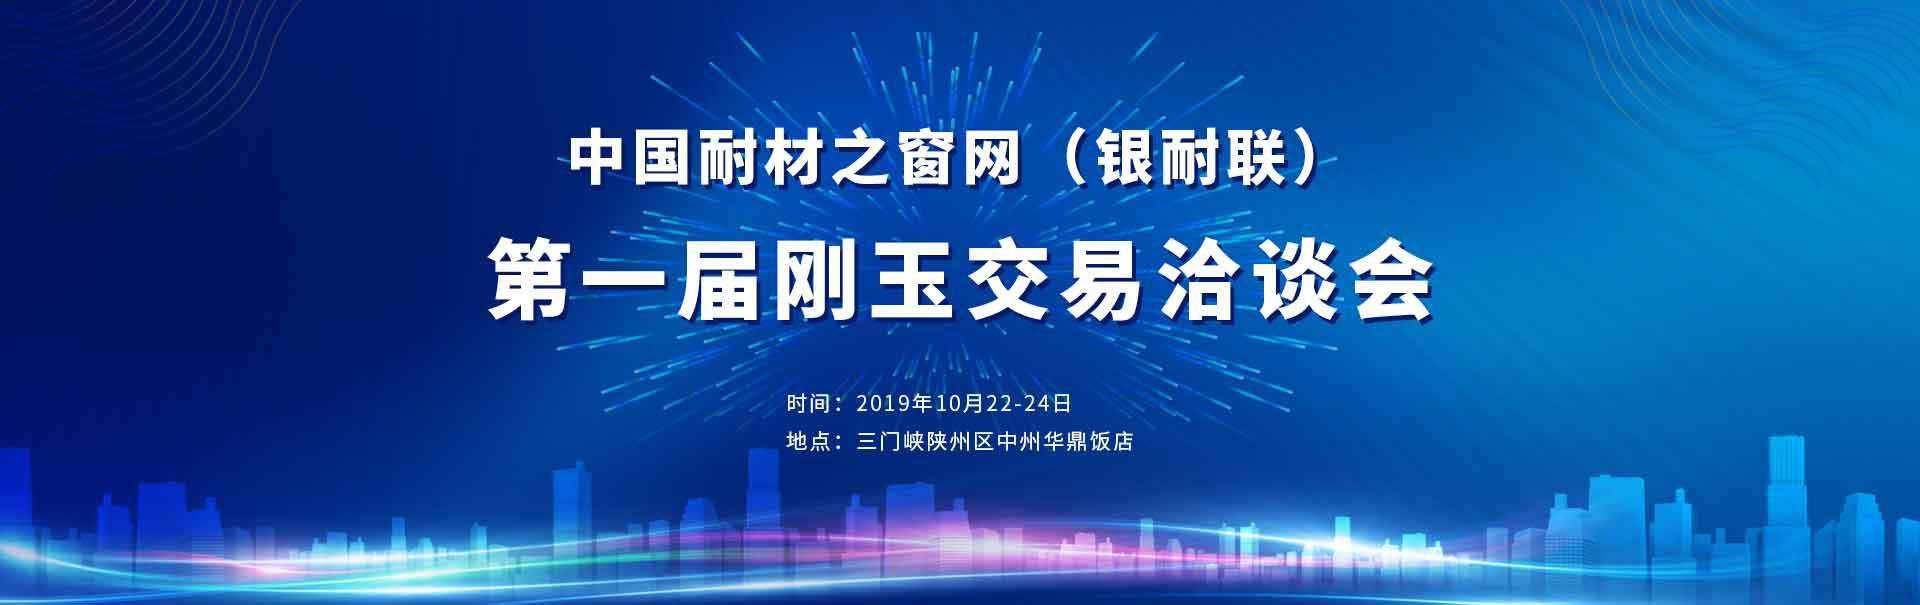 中国耐材之窗网(银耐联)首届刚玉交易洽谈会